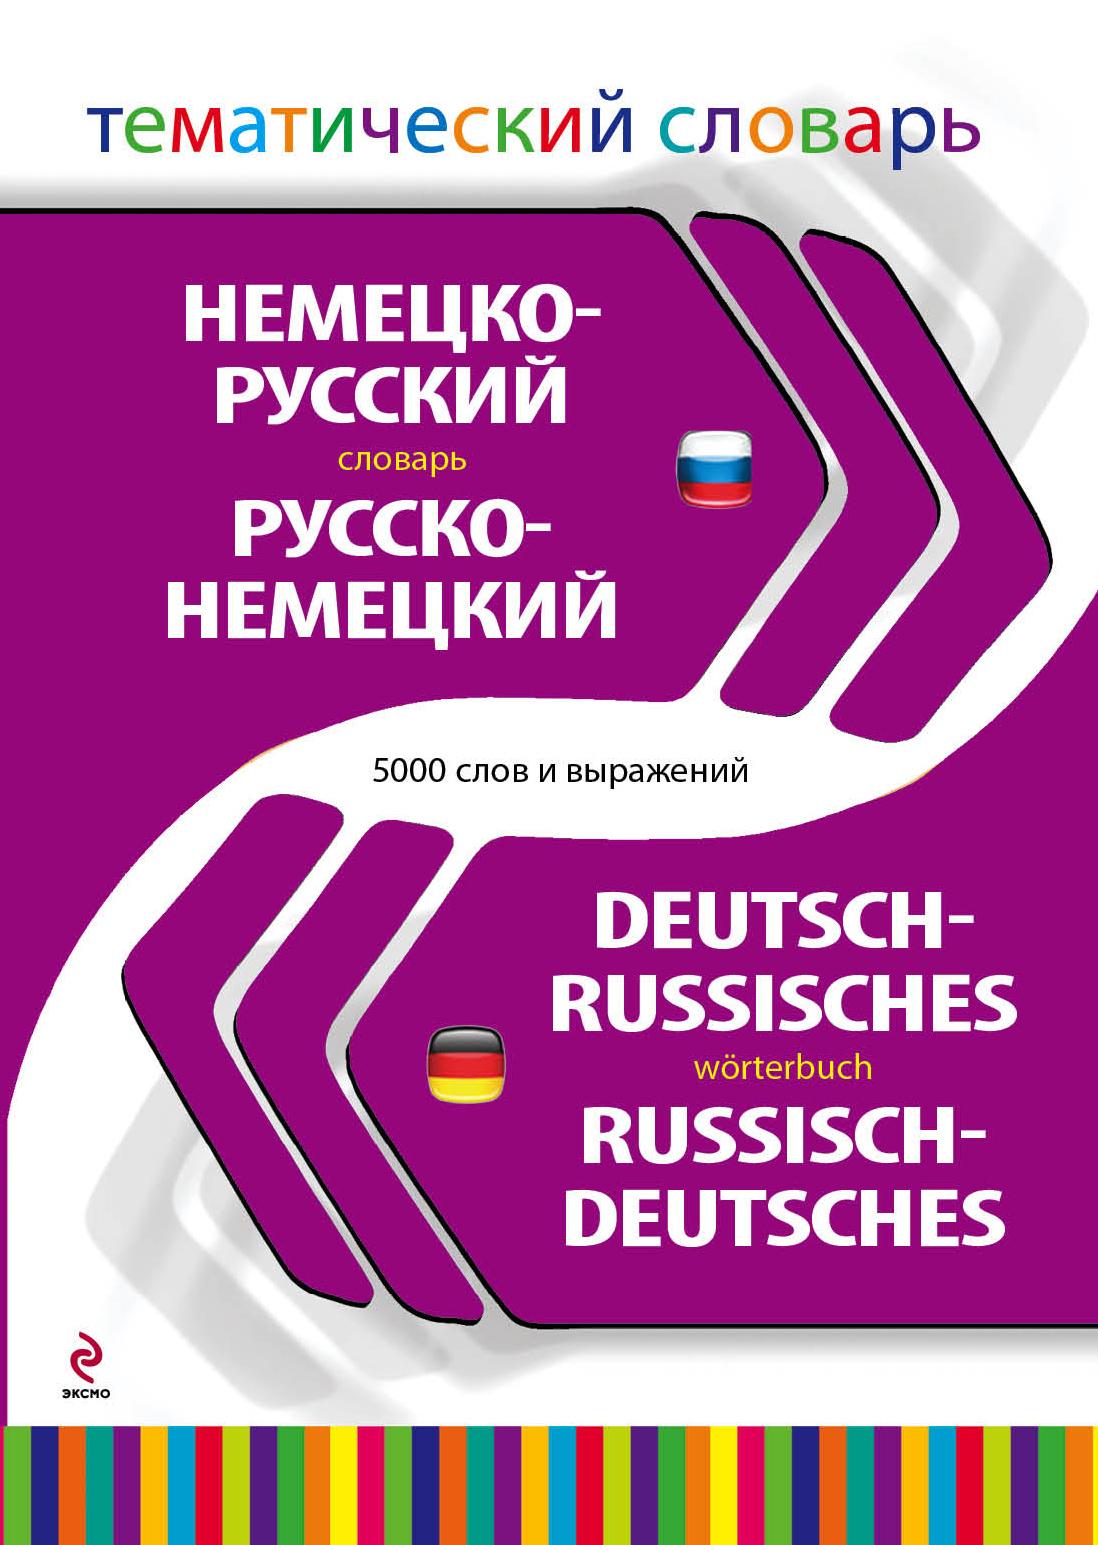 Немецко-русский, русско-немецкий тематический словарь / Deutsch-Russisches: Russisch-Deutsches Worterbuch